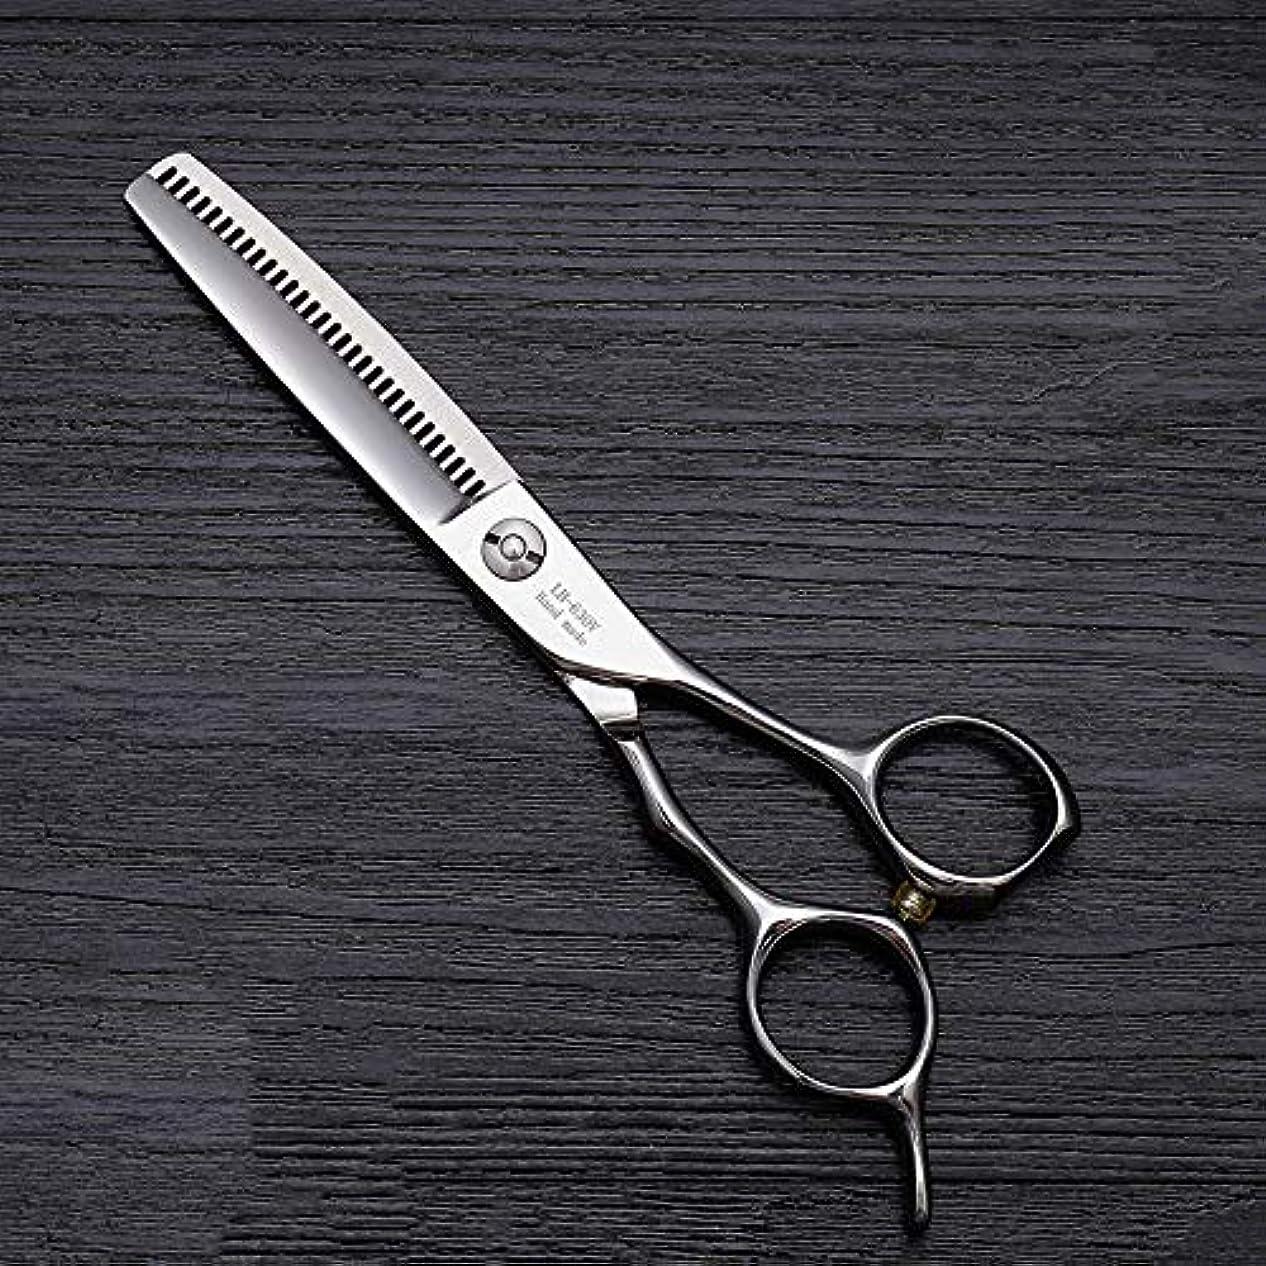 コメントバスコテージ6インチのヘアカットはさみ、ハイエンドの美容院の特別な髪のヘアカットはさみ モデリングツール (色 : Silver)